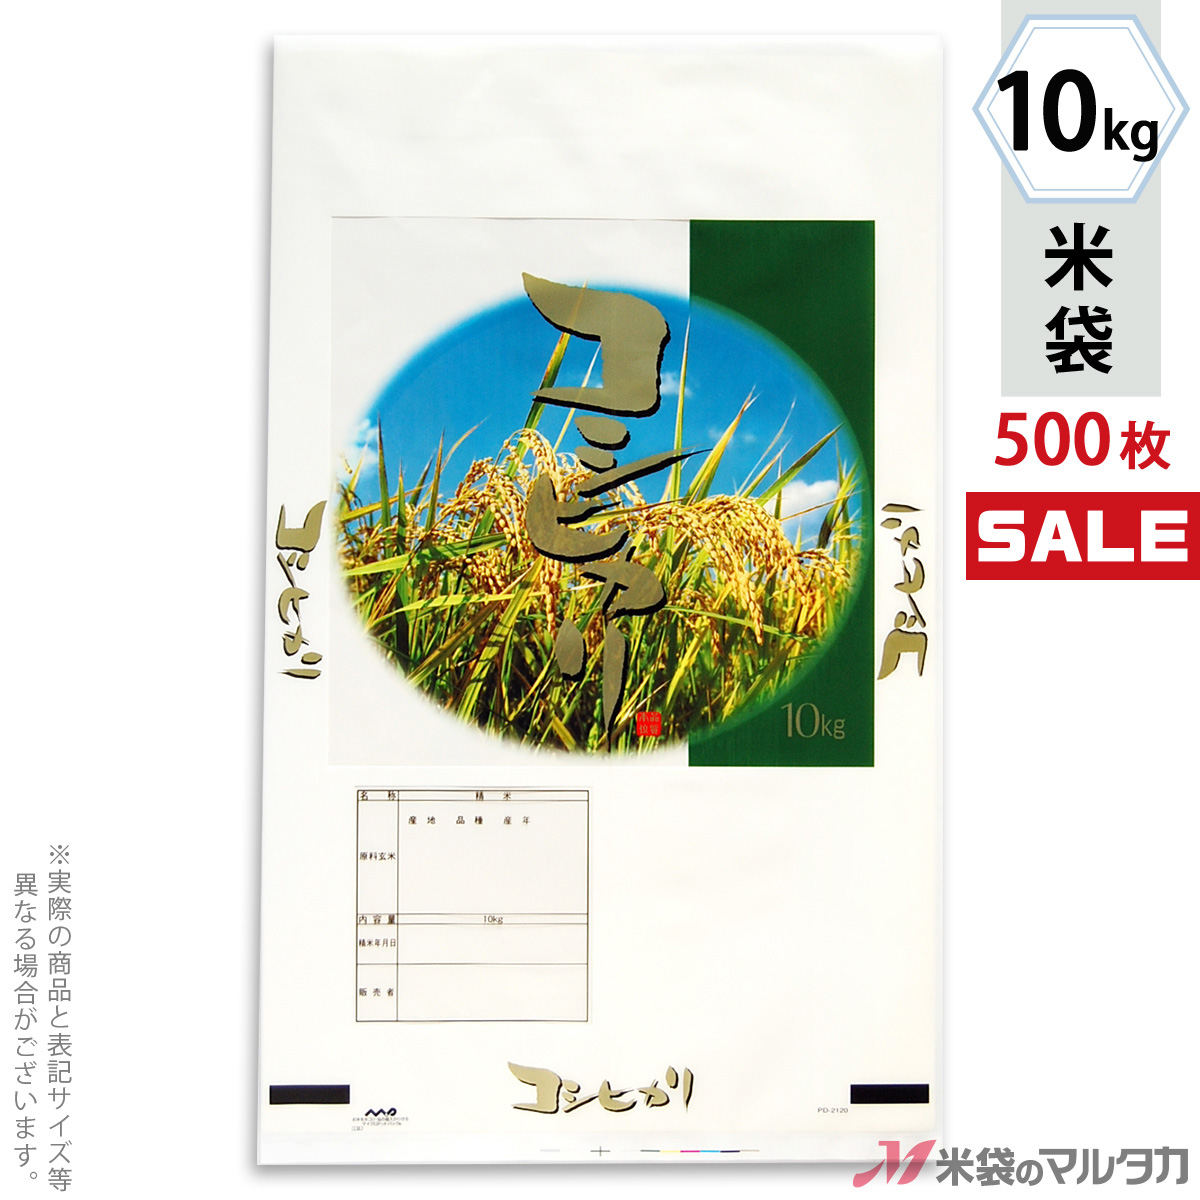 <キャンペーン対応>米袋 ポリ マイクロドット コシヒカリ 風光る 10kg 1ケース(500枚入) PD-2120